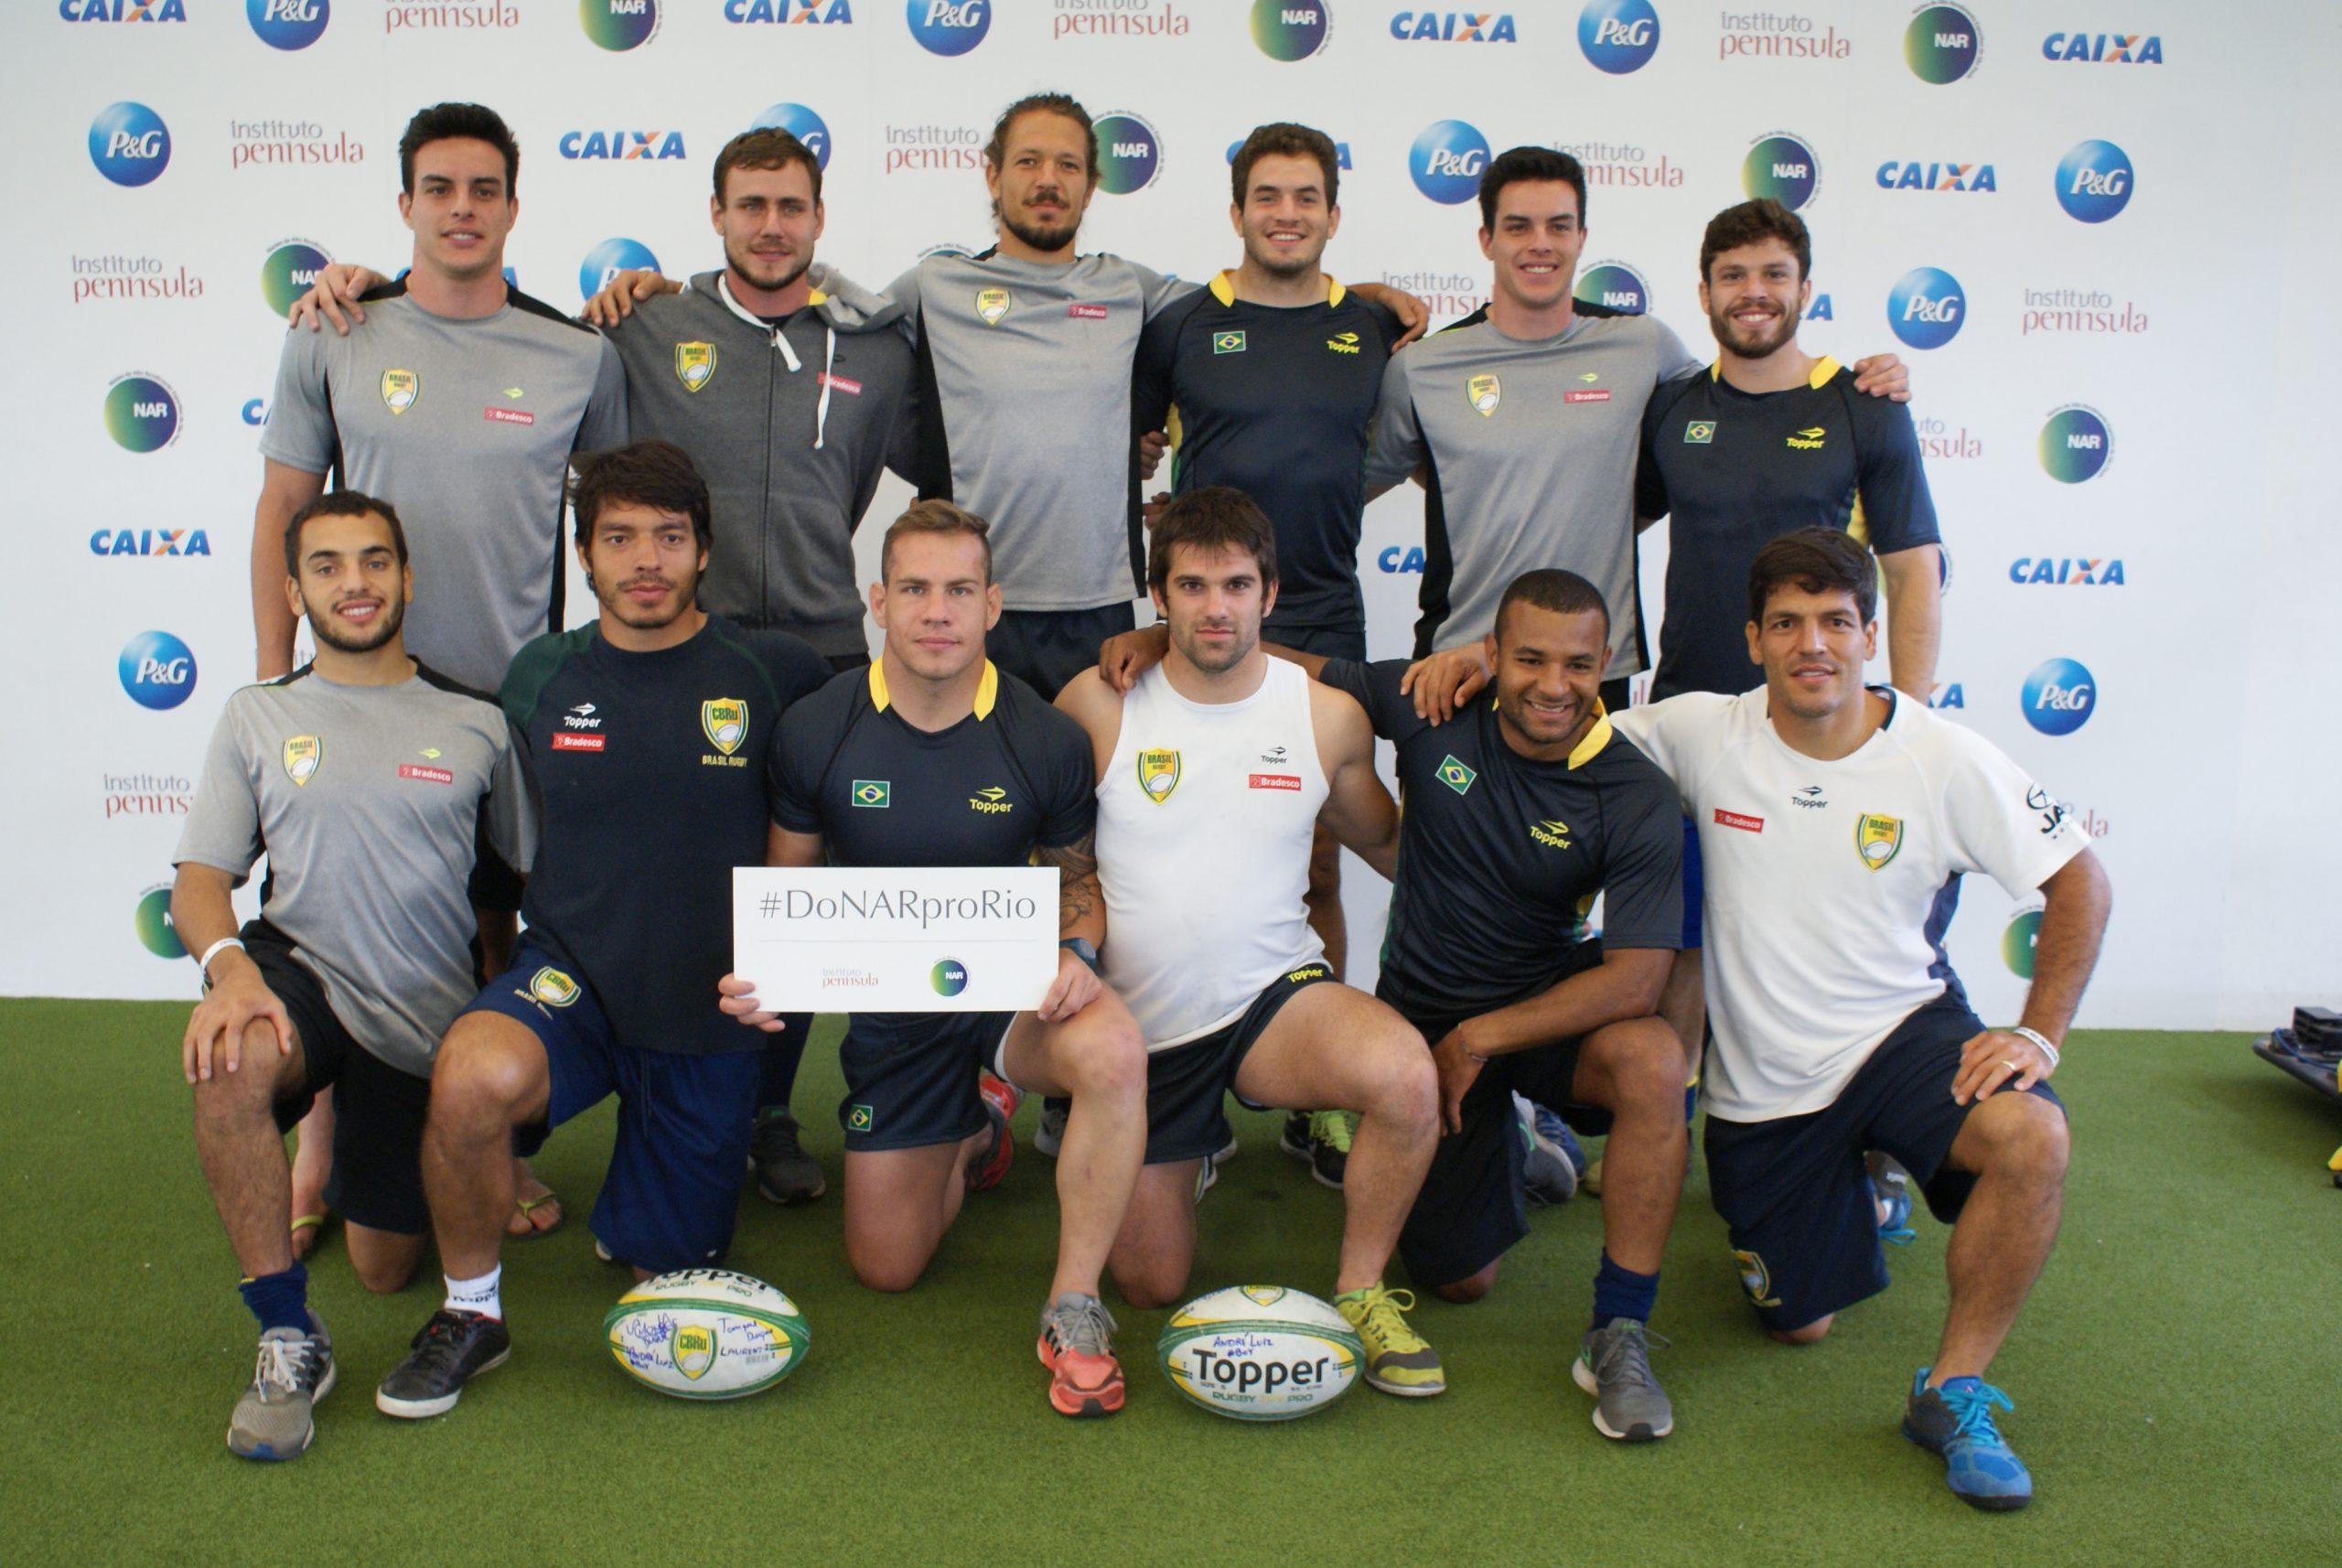 Seleção Brasileira de Rugby Sevens se prepara para último compromisso antes dos Jogos Olímpicos no NAR